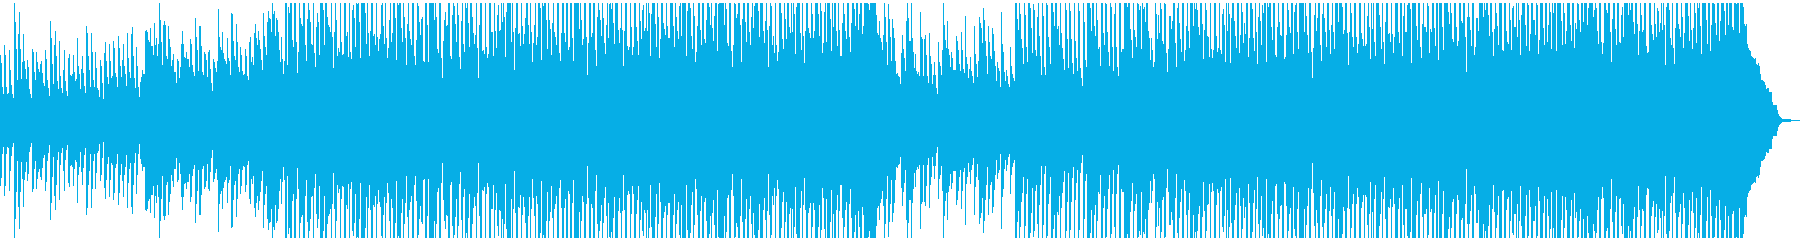 カントリーでハッピーな曲の再生済みの波形